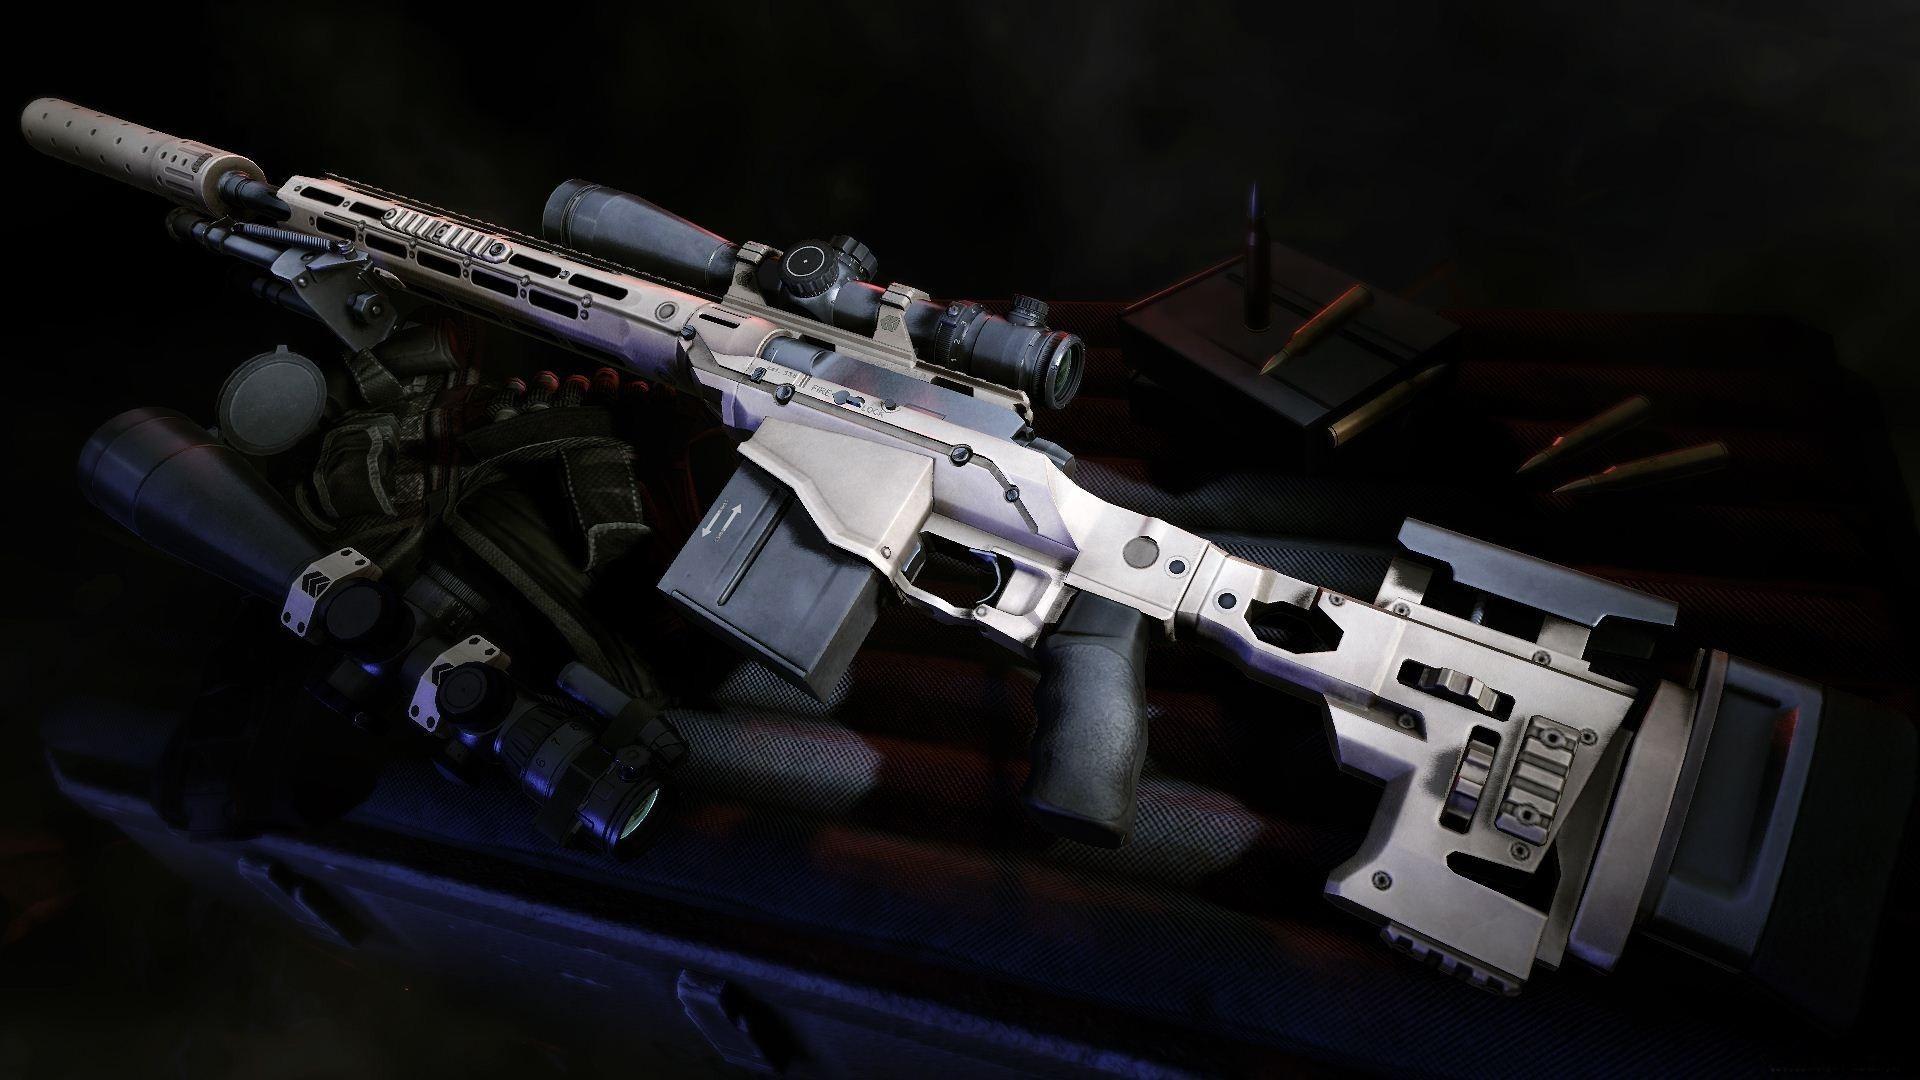 Guns Wallpaper Hd: 13 HD Sniper Rifle Guns Wallpapers